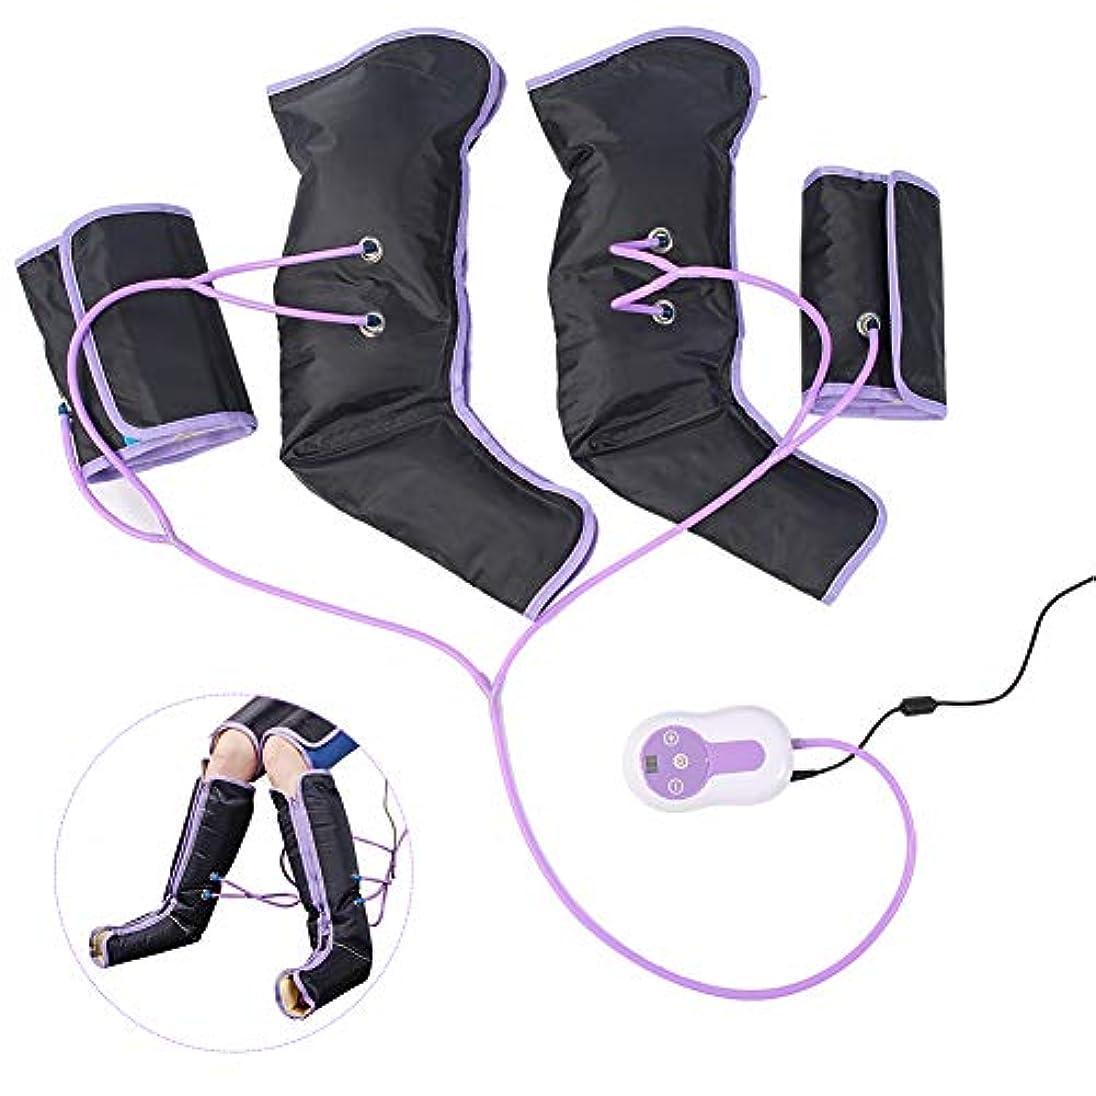 バー長くする半円足の空気圧縮マッサージャー、足とふくらはぎの痛みを軽減するためのハンドヘルドコントローラーとラップ、電気循環脚ラップ、循環を改善し、筋肉をリラックス(US-PLUG)